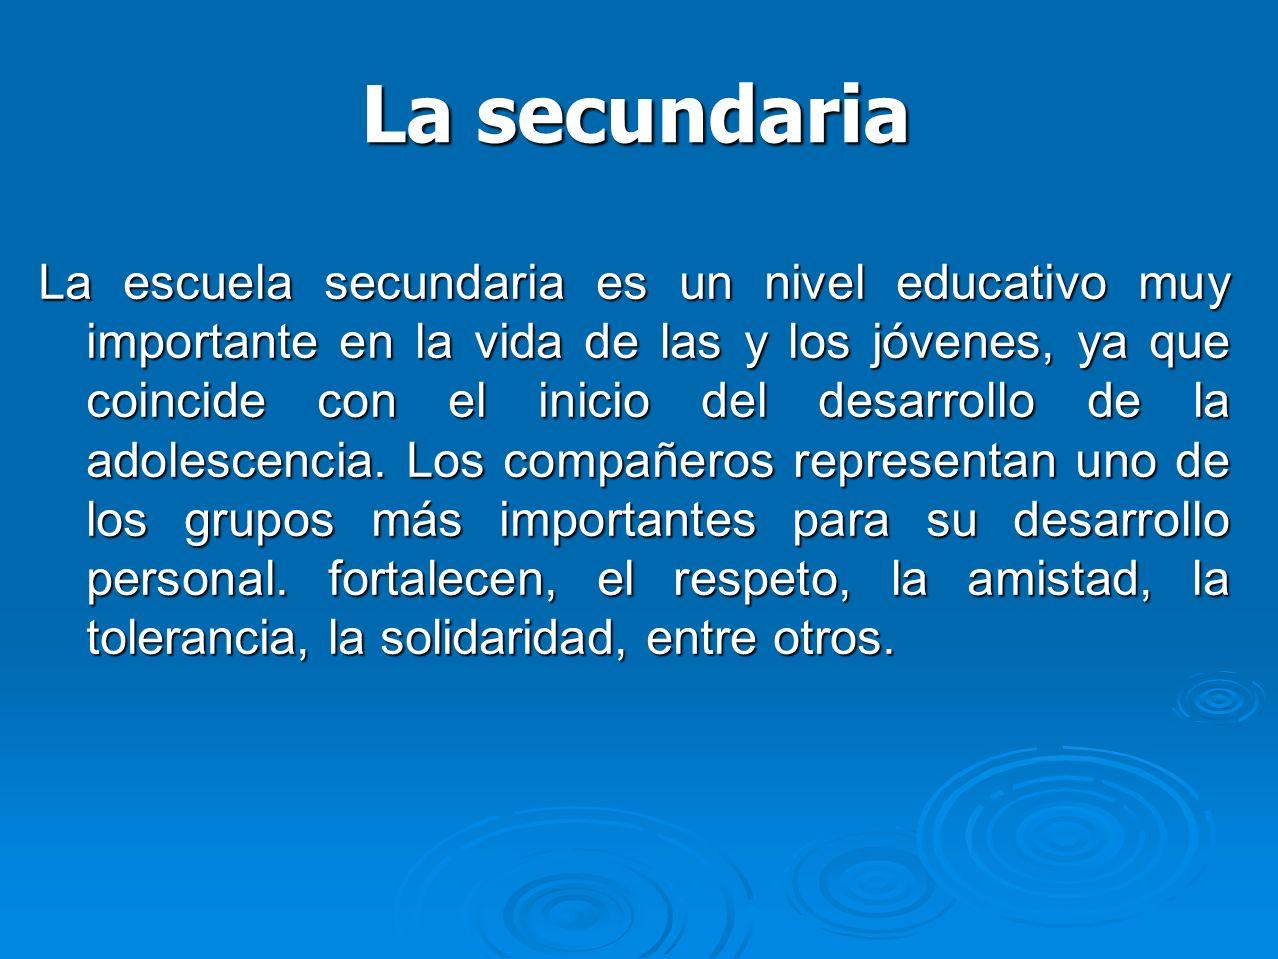 La secundaria La escuela secundaria es un nivel educativo muy importante en la vida de las y los jóvenes, ya que coincide con el inicio del desarrollo